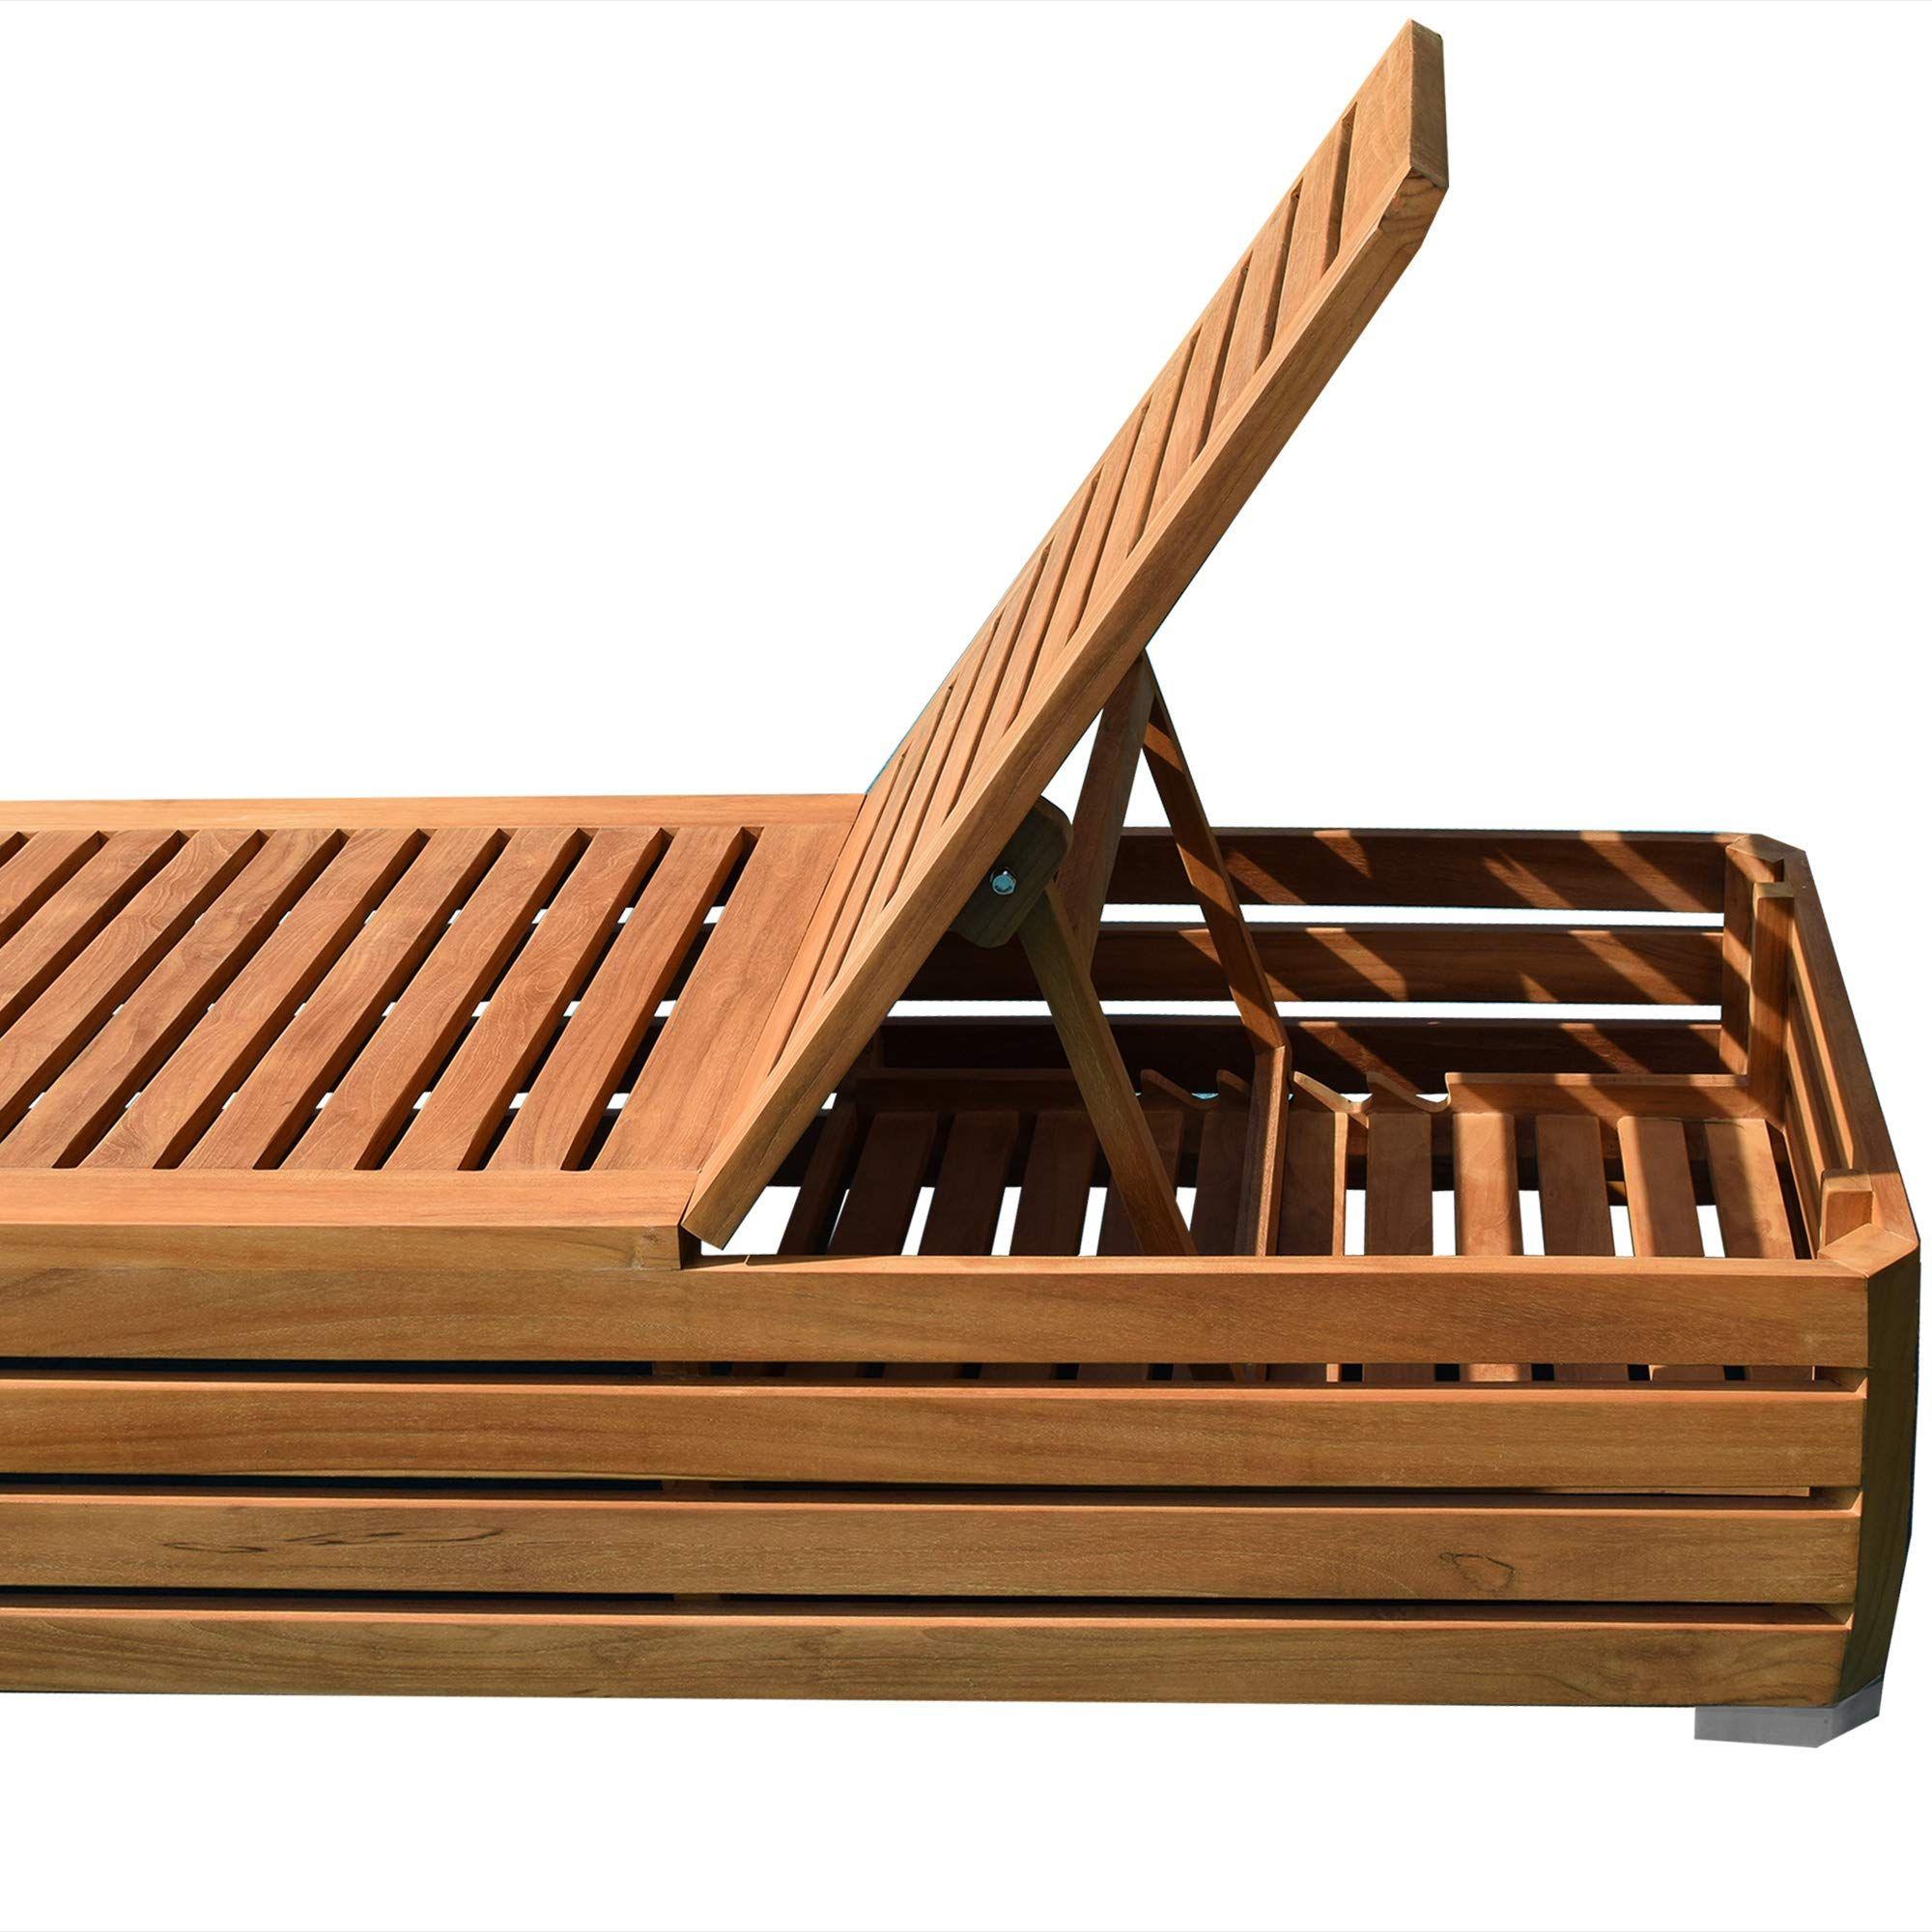 Teako Design Gartenliege Picardie Teak Unbehandeltes Massivholz Wetterfest Sonnenliege Teakholz Holzliege Relaxliege Amazon De Holzliege Teak Holz Gartenliege